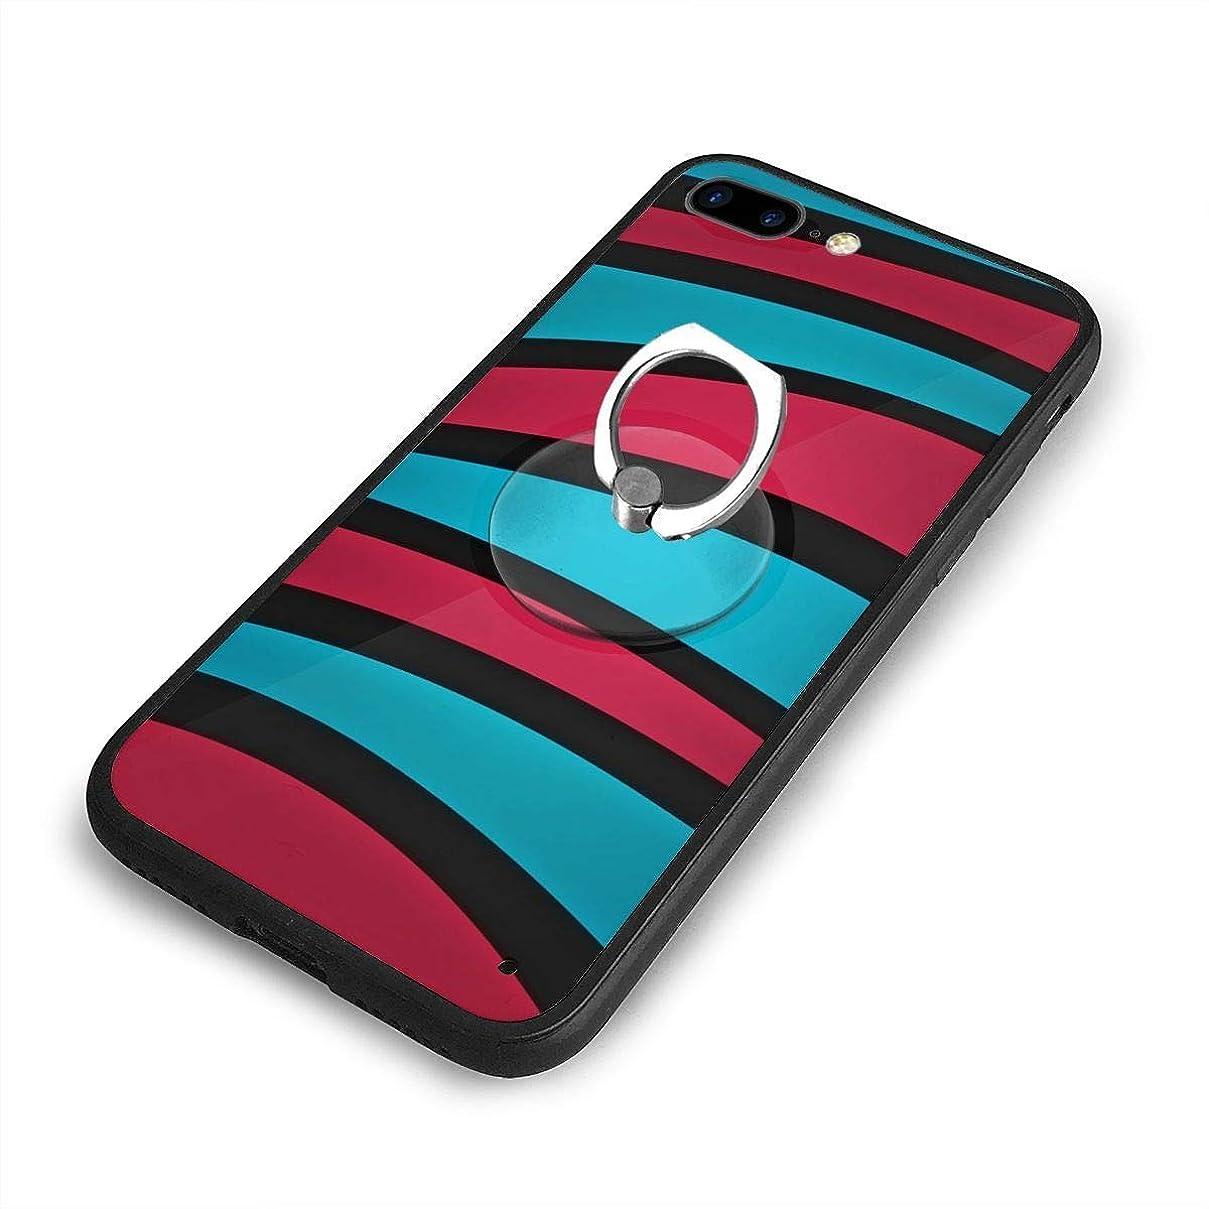 スチュアート島オーナーバドミントンマゼンタの要約iPhone 7/8 Plusケースリングブラケット 携帯カバー 創意デザイン軽量 傷つけ防止 360°回転ブラケット 携帯ケース PC 衝撃防止 全面保護